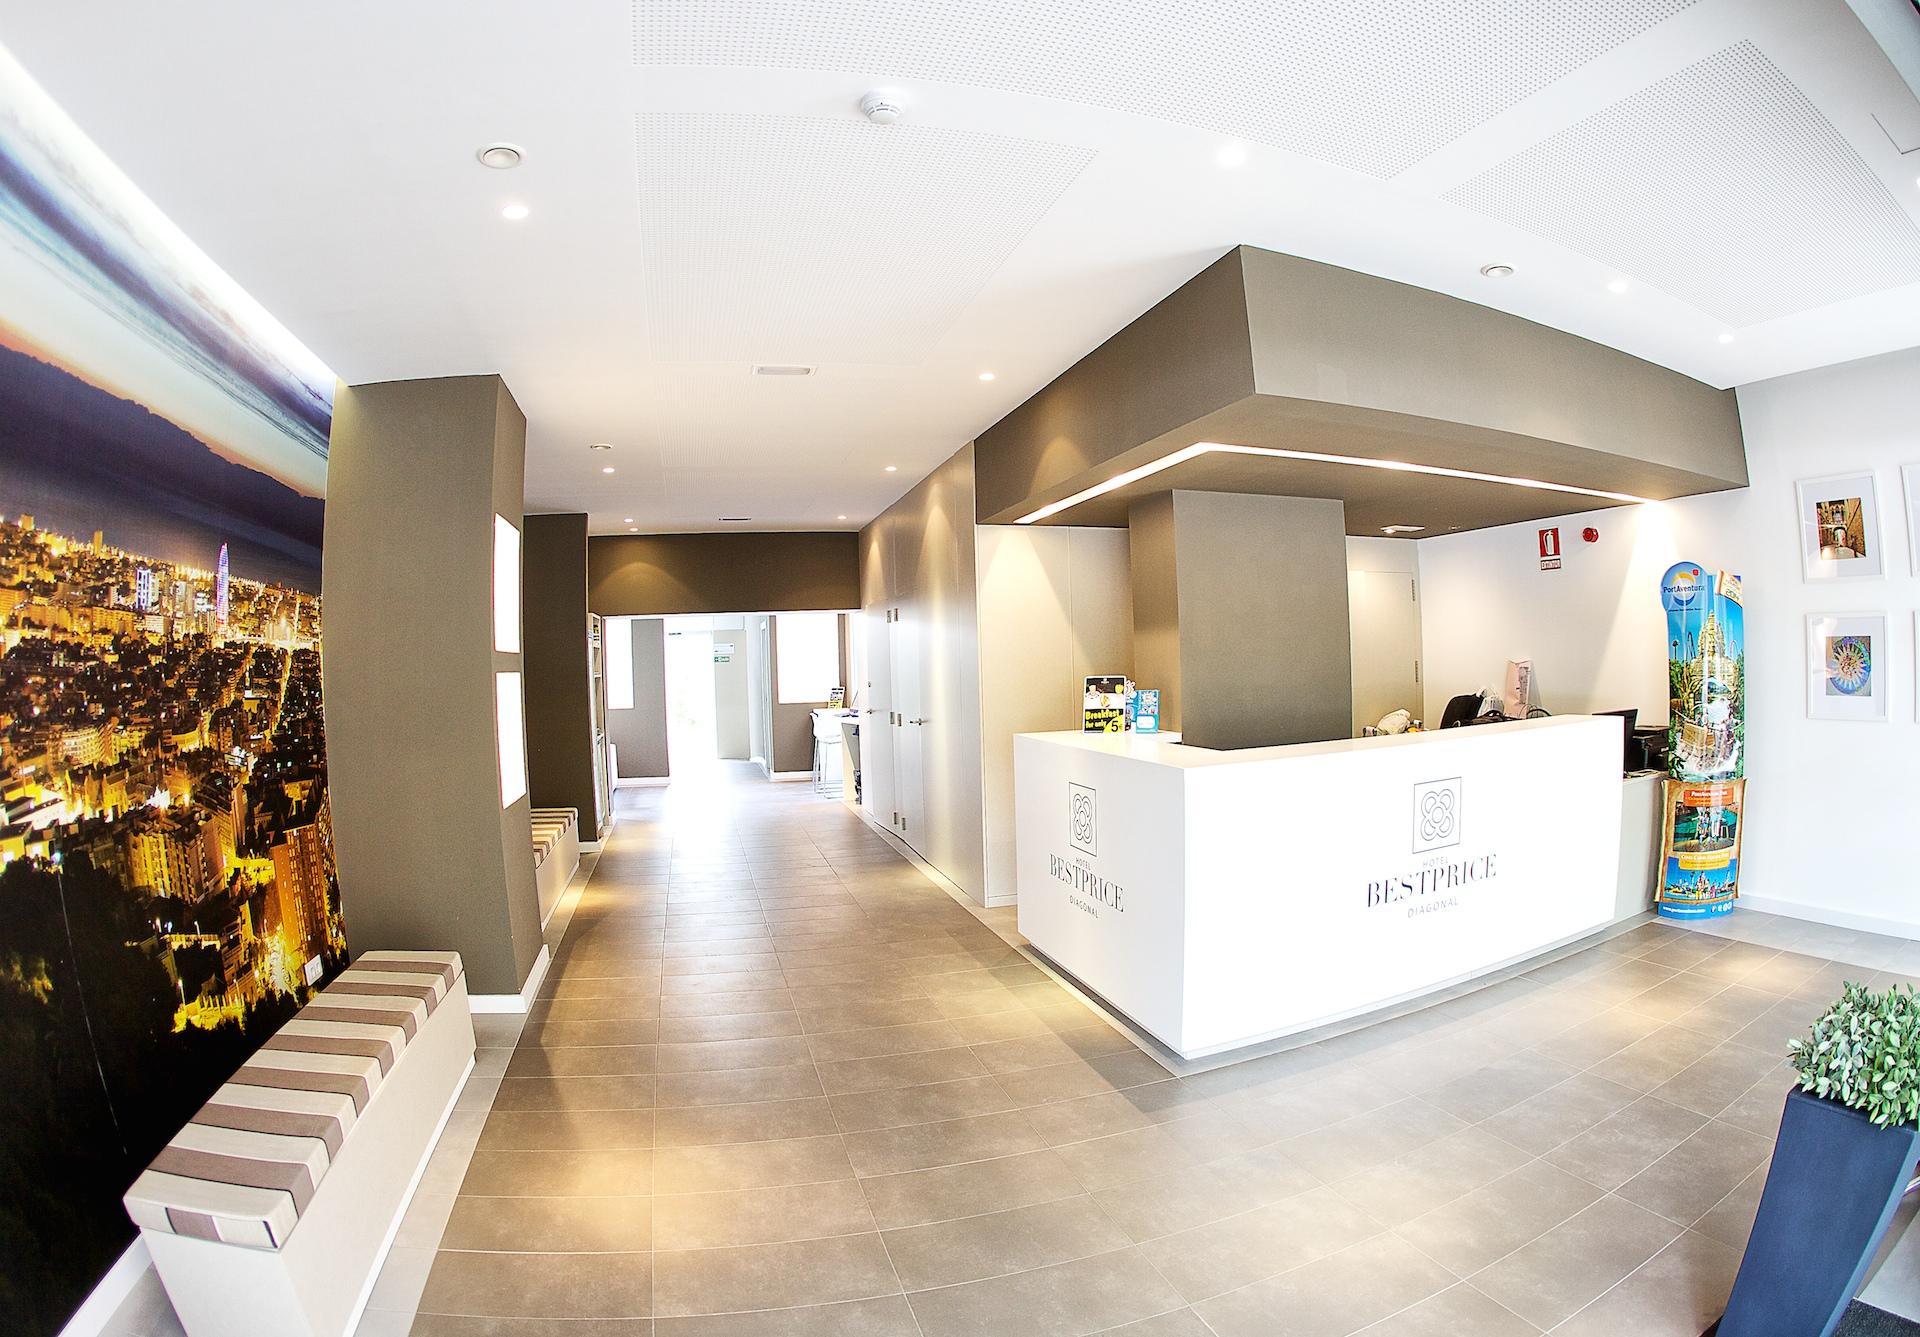 El hotel de emprendedores bestprice diagonal se afianza en for Oficinas ups madrid